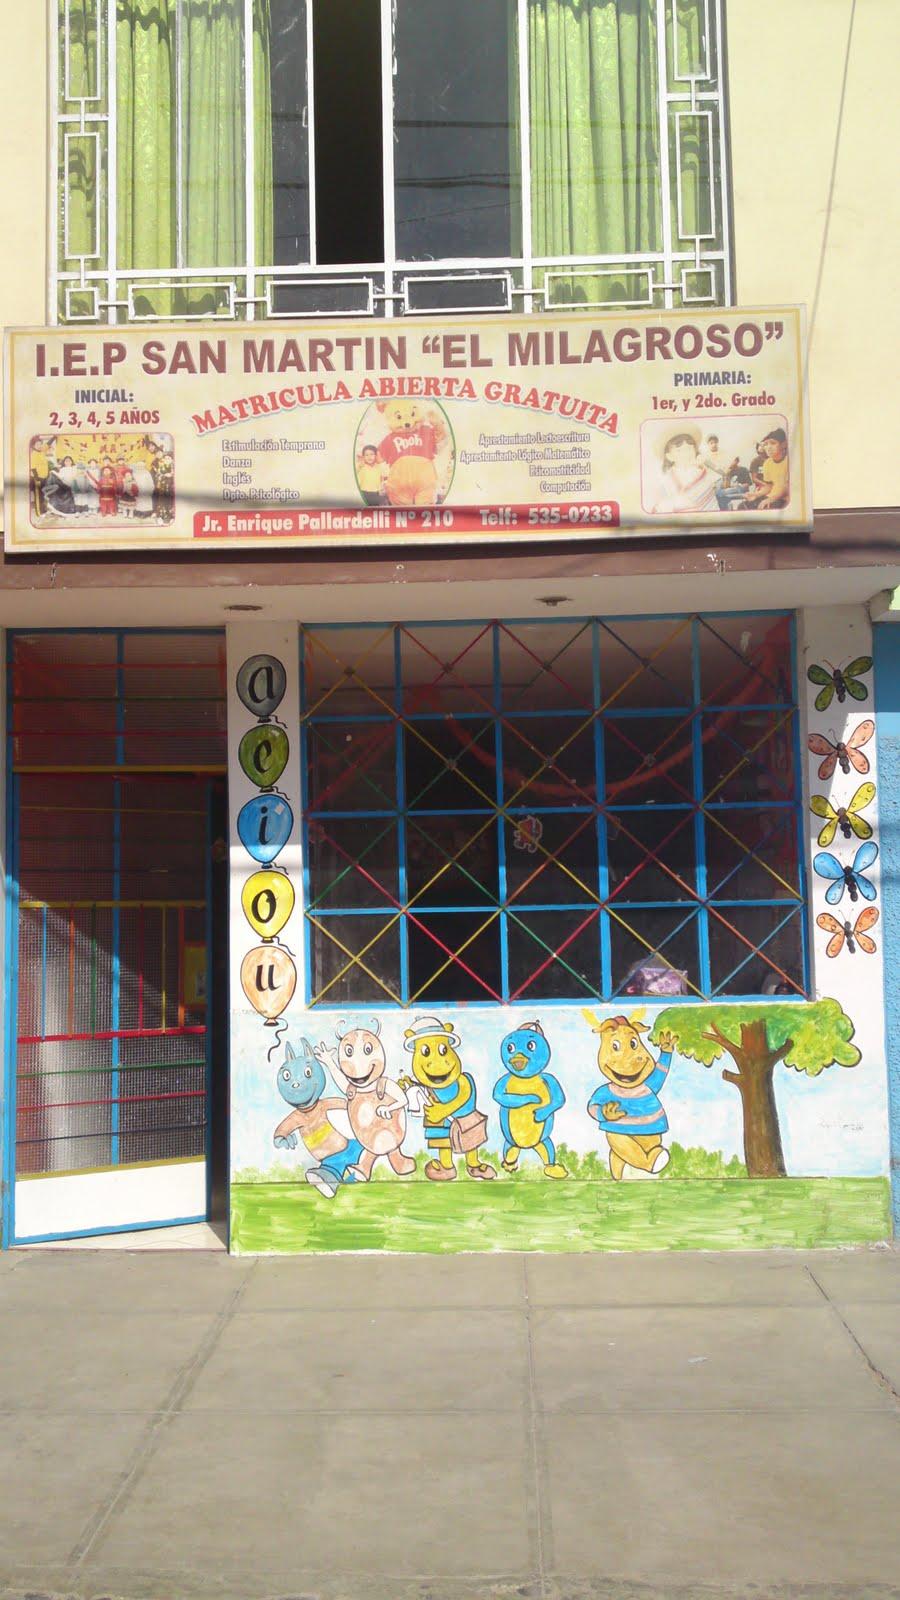 I.E.P San Martín \